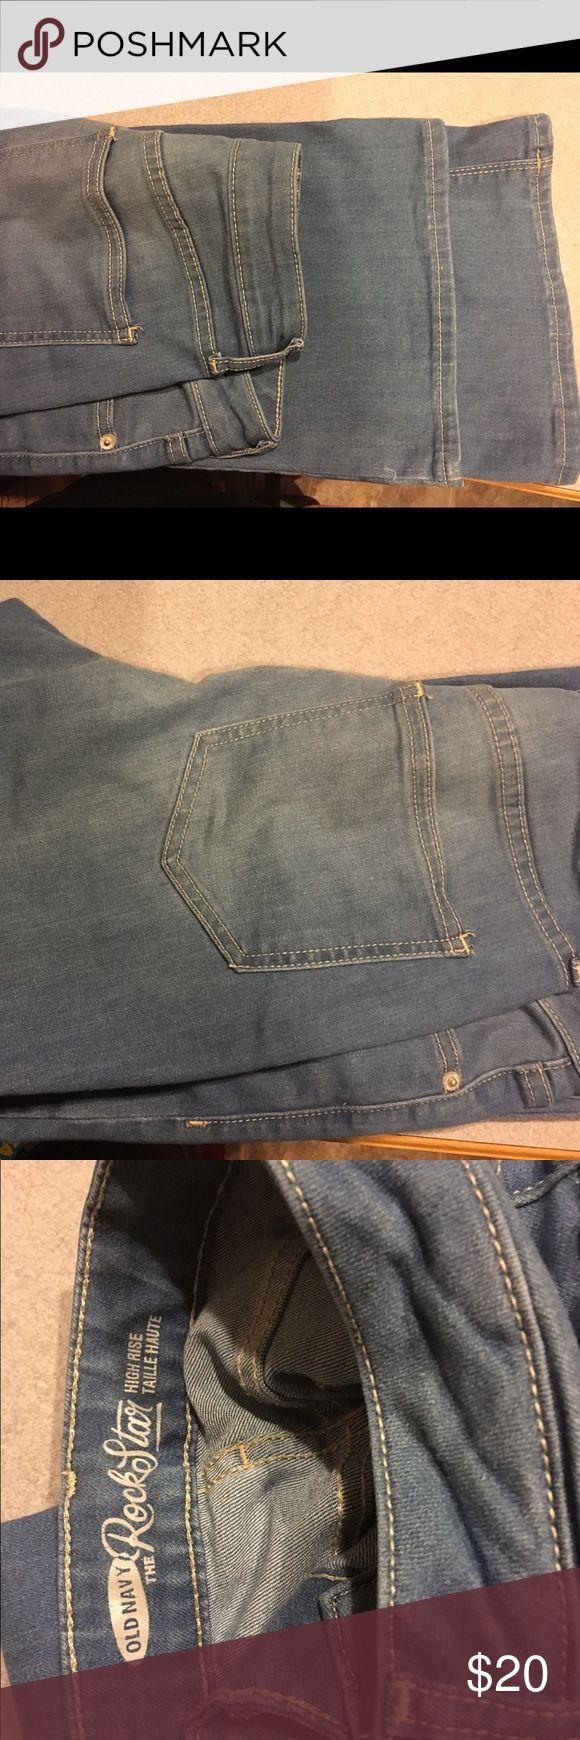 Old navy rockstar jeans light denim NWOT old navy high waisted rock star jeans Old Navy Jeans Boot Cut